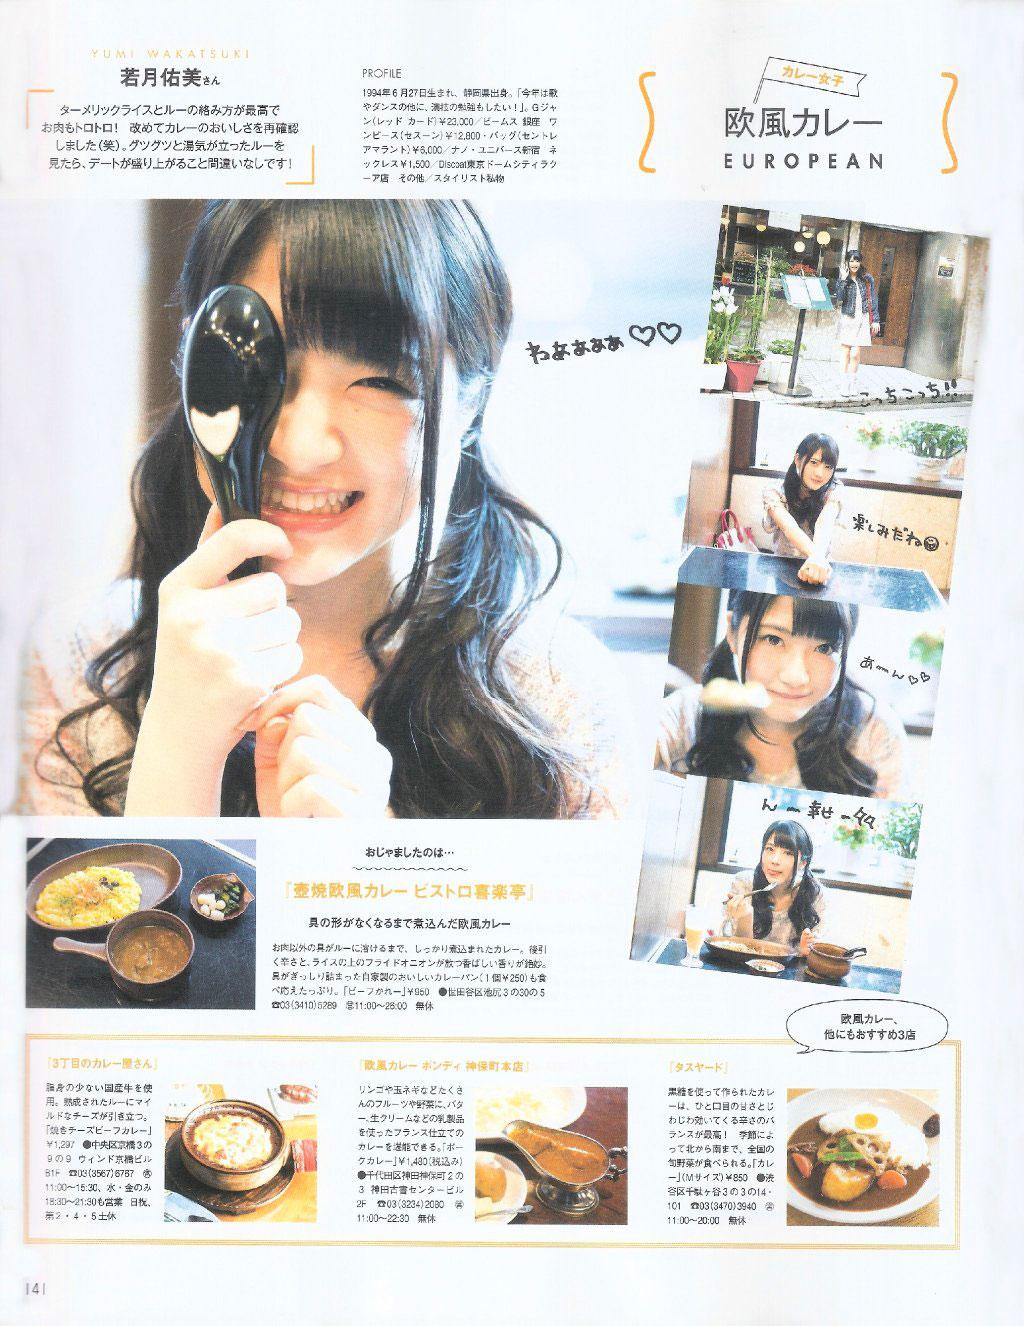 Nogizaka46 Yumi Wakatsuki Men Non-no Magazine